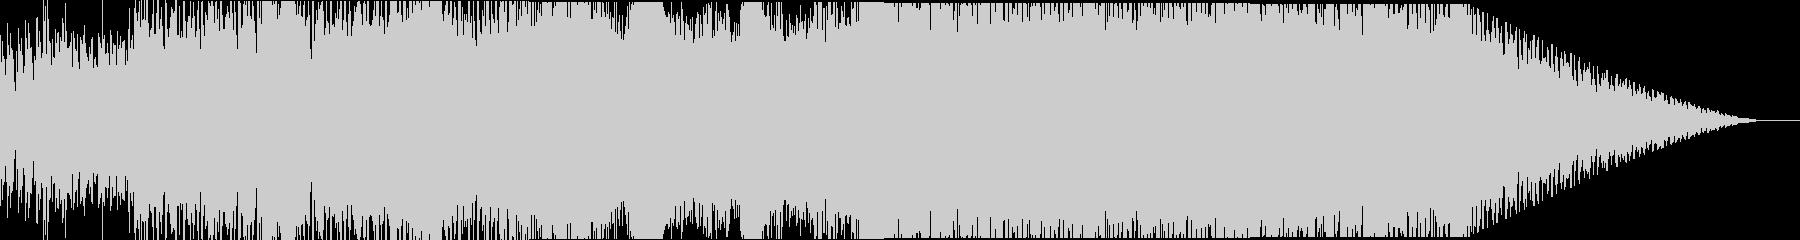 浮遊感のあるミニマルなエレクトロニカの未再生の波形